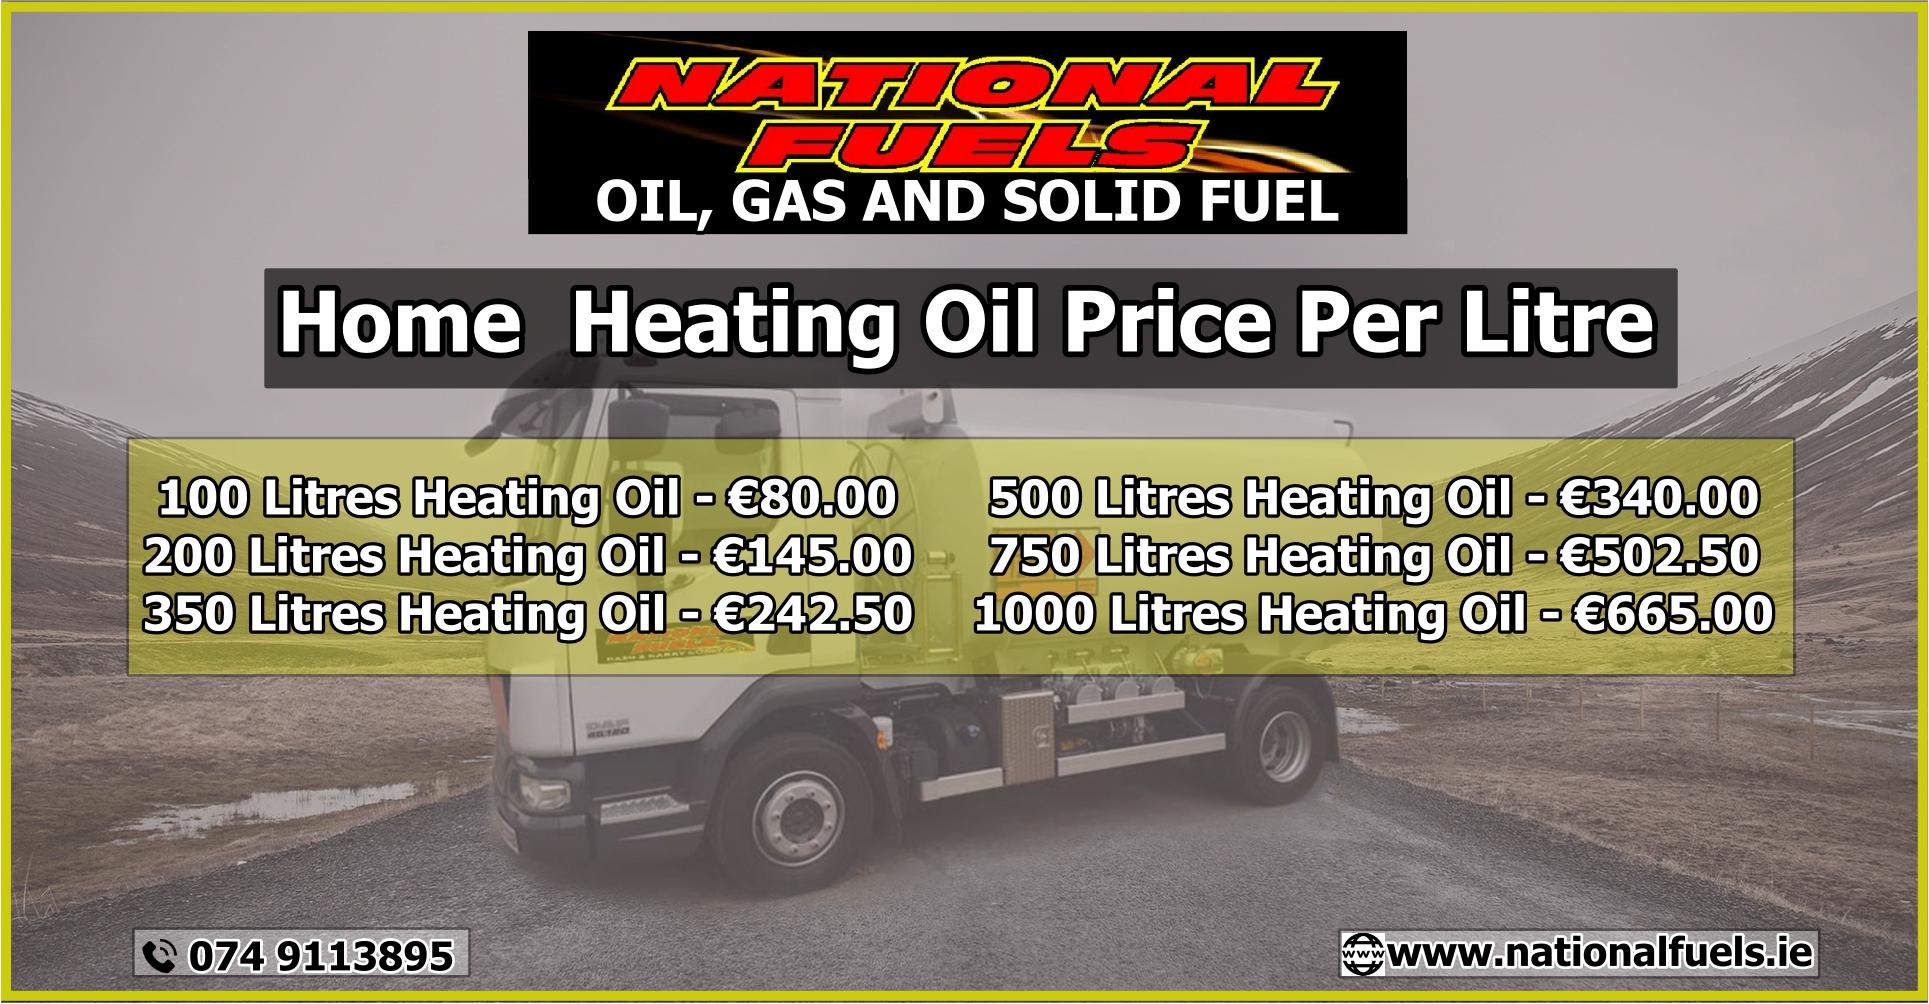 add edit national fuels.jpg